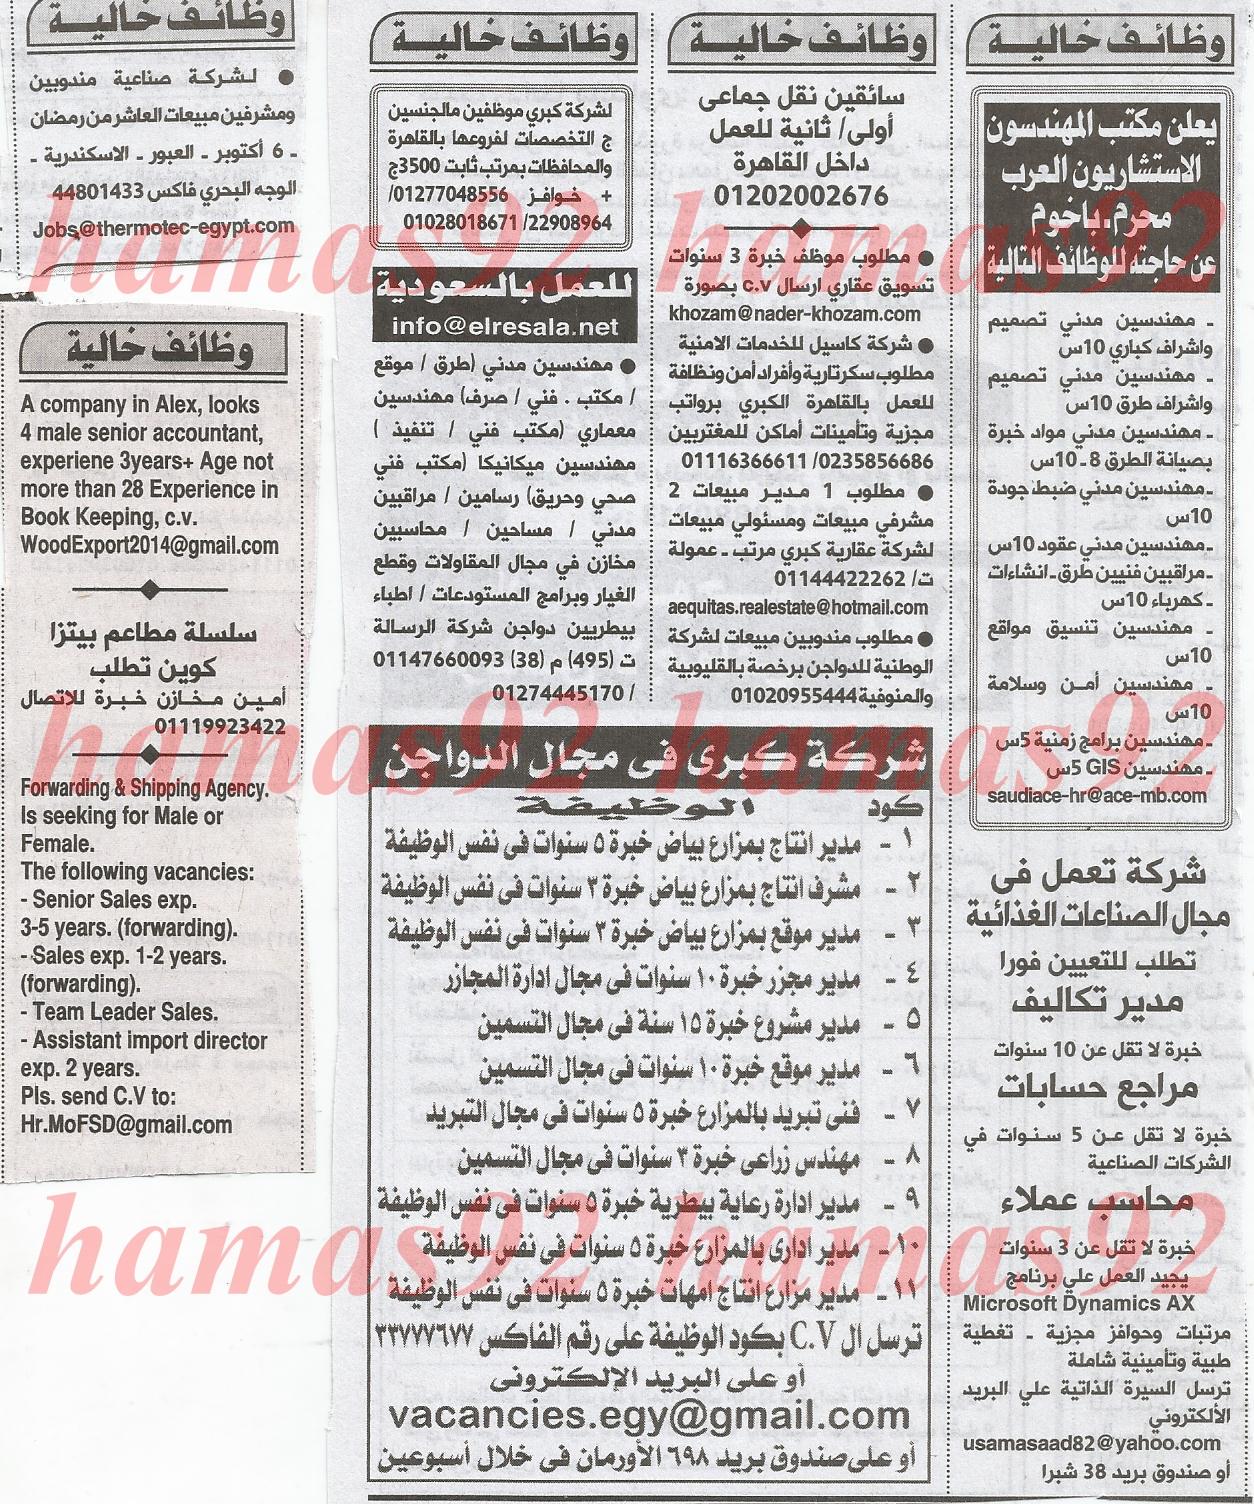 وظائف جريدة الاهرام اليوم الاحد 26-1-2014 , وظائف خالية اليوم الاحد 26 يناير 2014